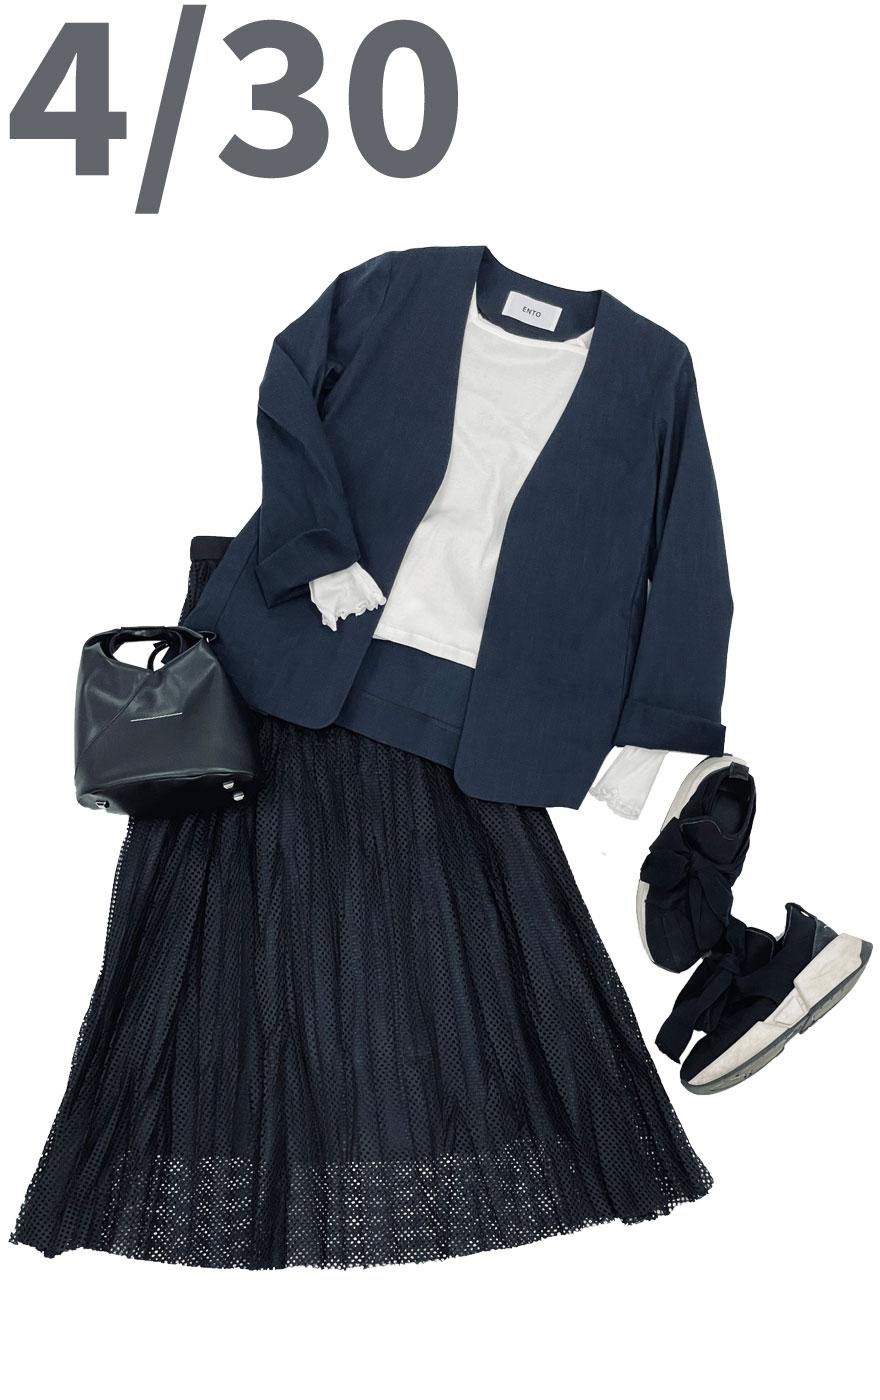 シンプルなホワイトカットソーに綿麻ノーカラージャケットを羽織ったきっちりコーデ。ボトムスはメッシュ素材がポイントのスカートを合わせコーデのポイントに。